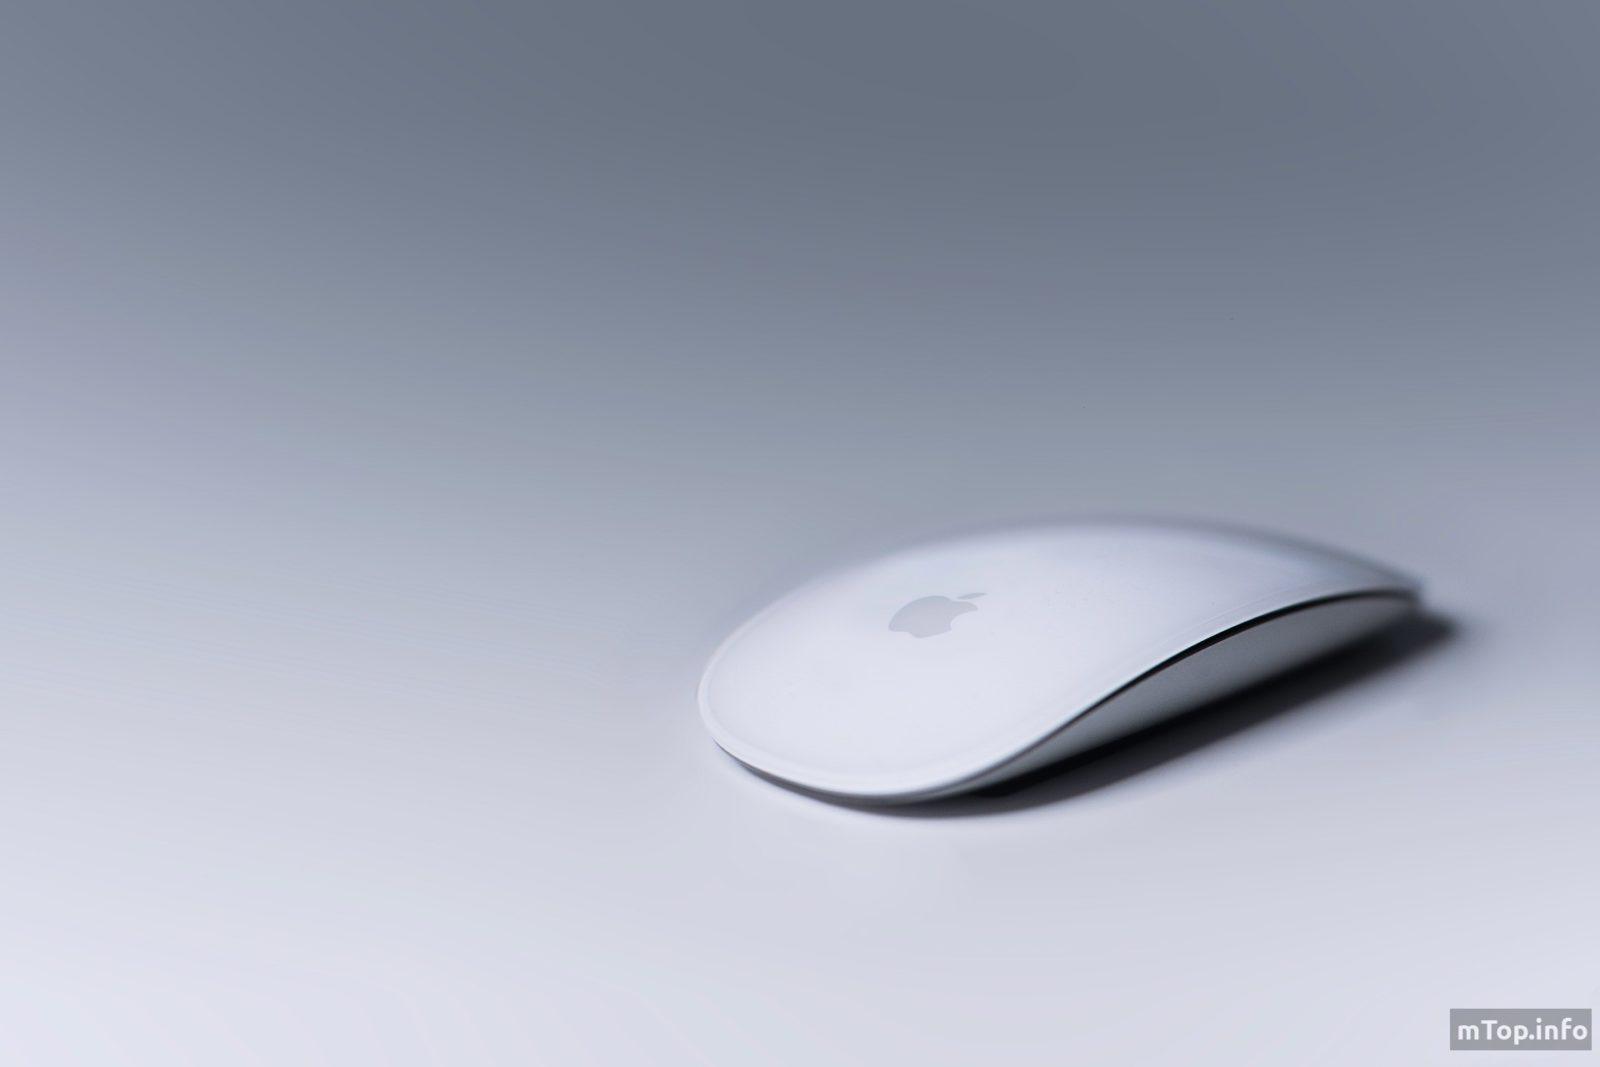 Как выглядят лучшие компьютерные мыши?